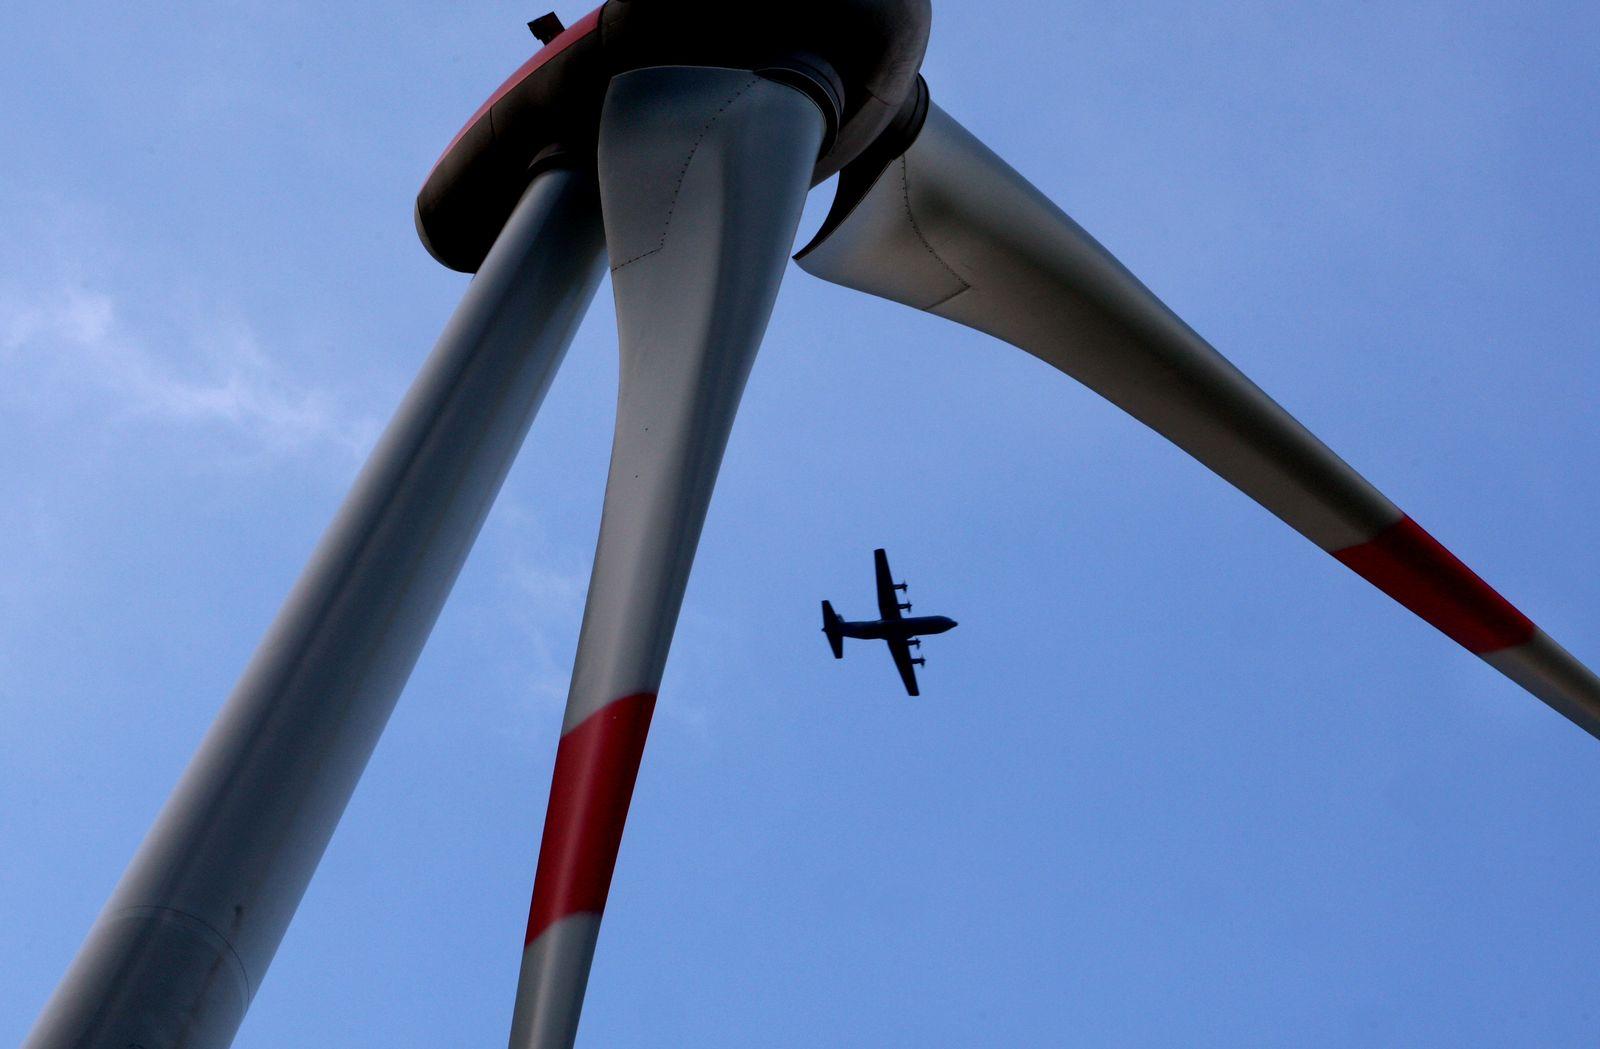 Flugzeug hinter Windrad / Flufsicherheit vs Windenergie